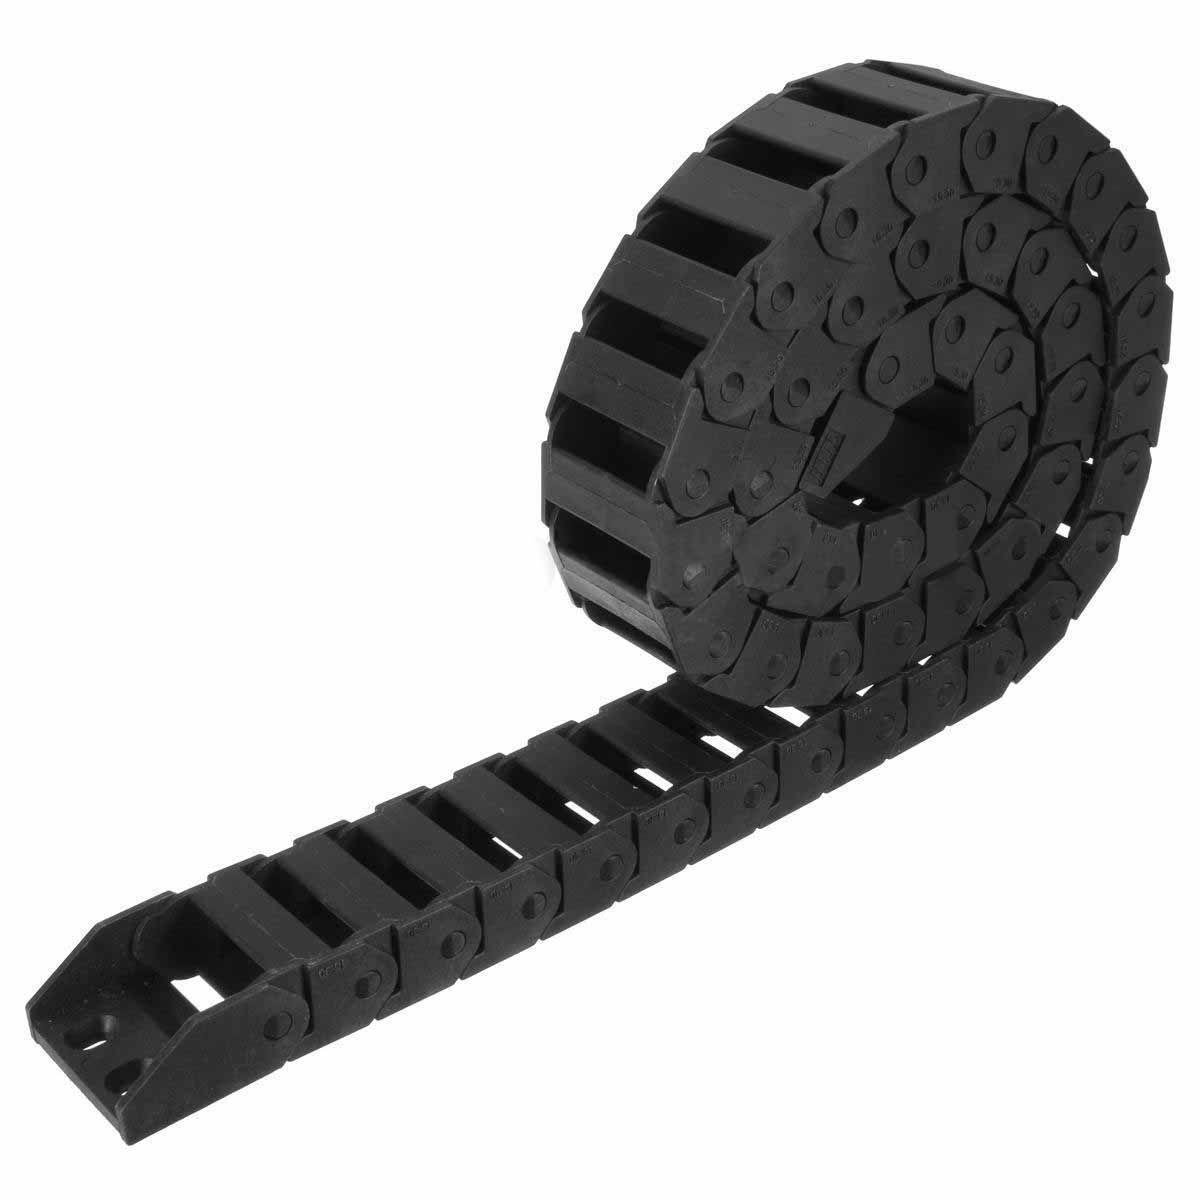 L1000mm Kabelschlepp Nylon Schleppleine Drahtträger 15x30mm Für Graviermaschine Zubehör